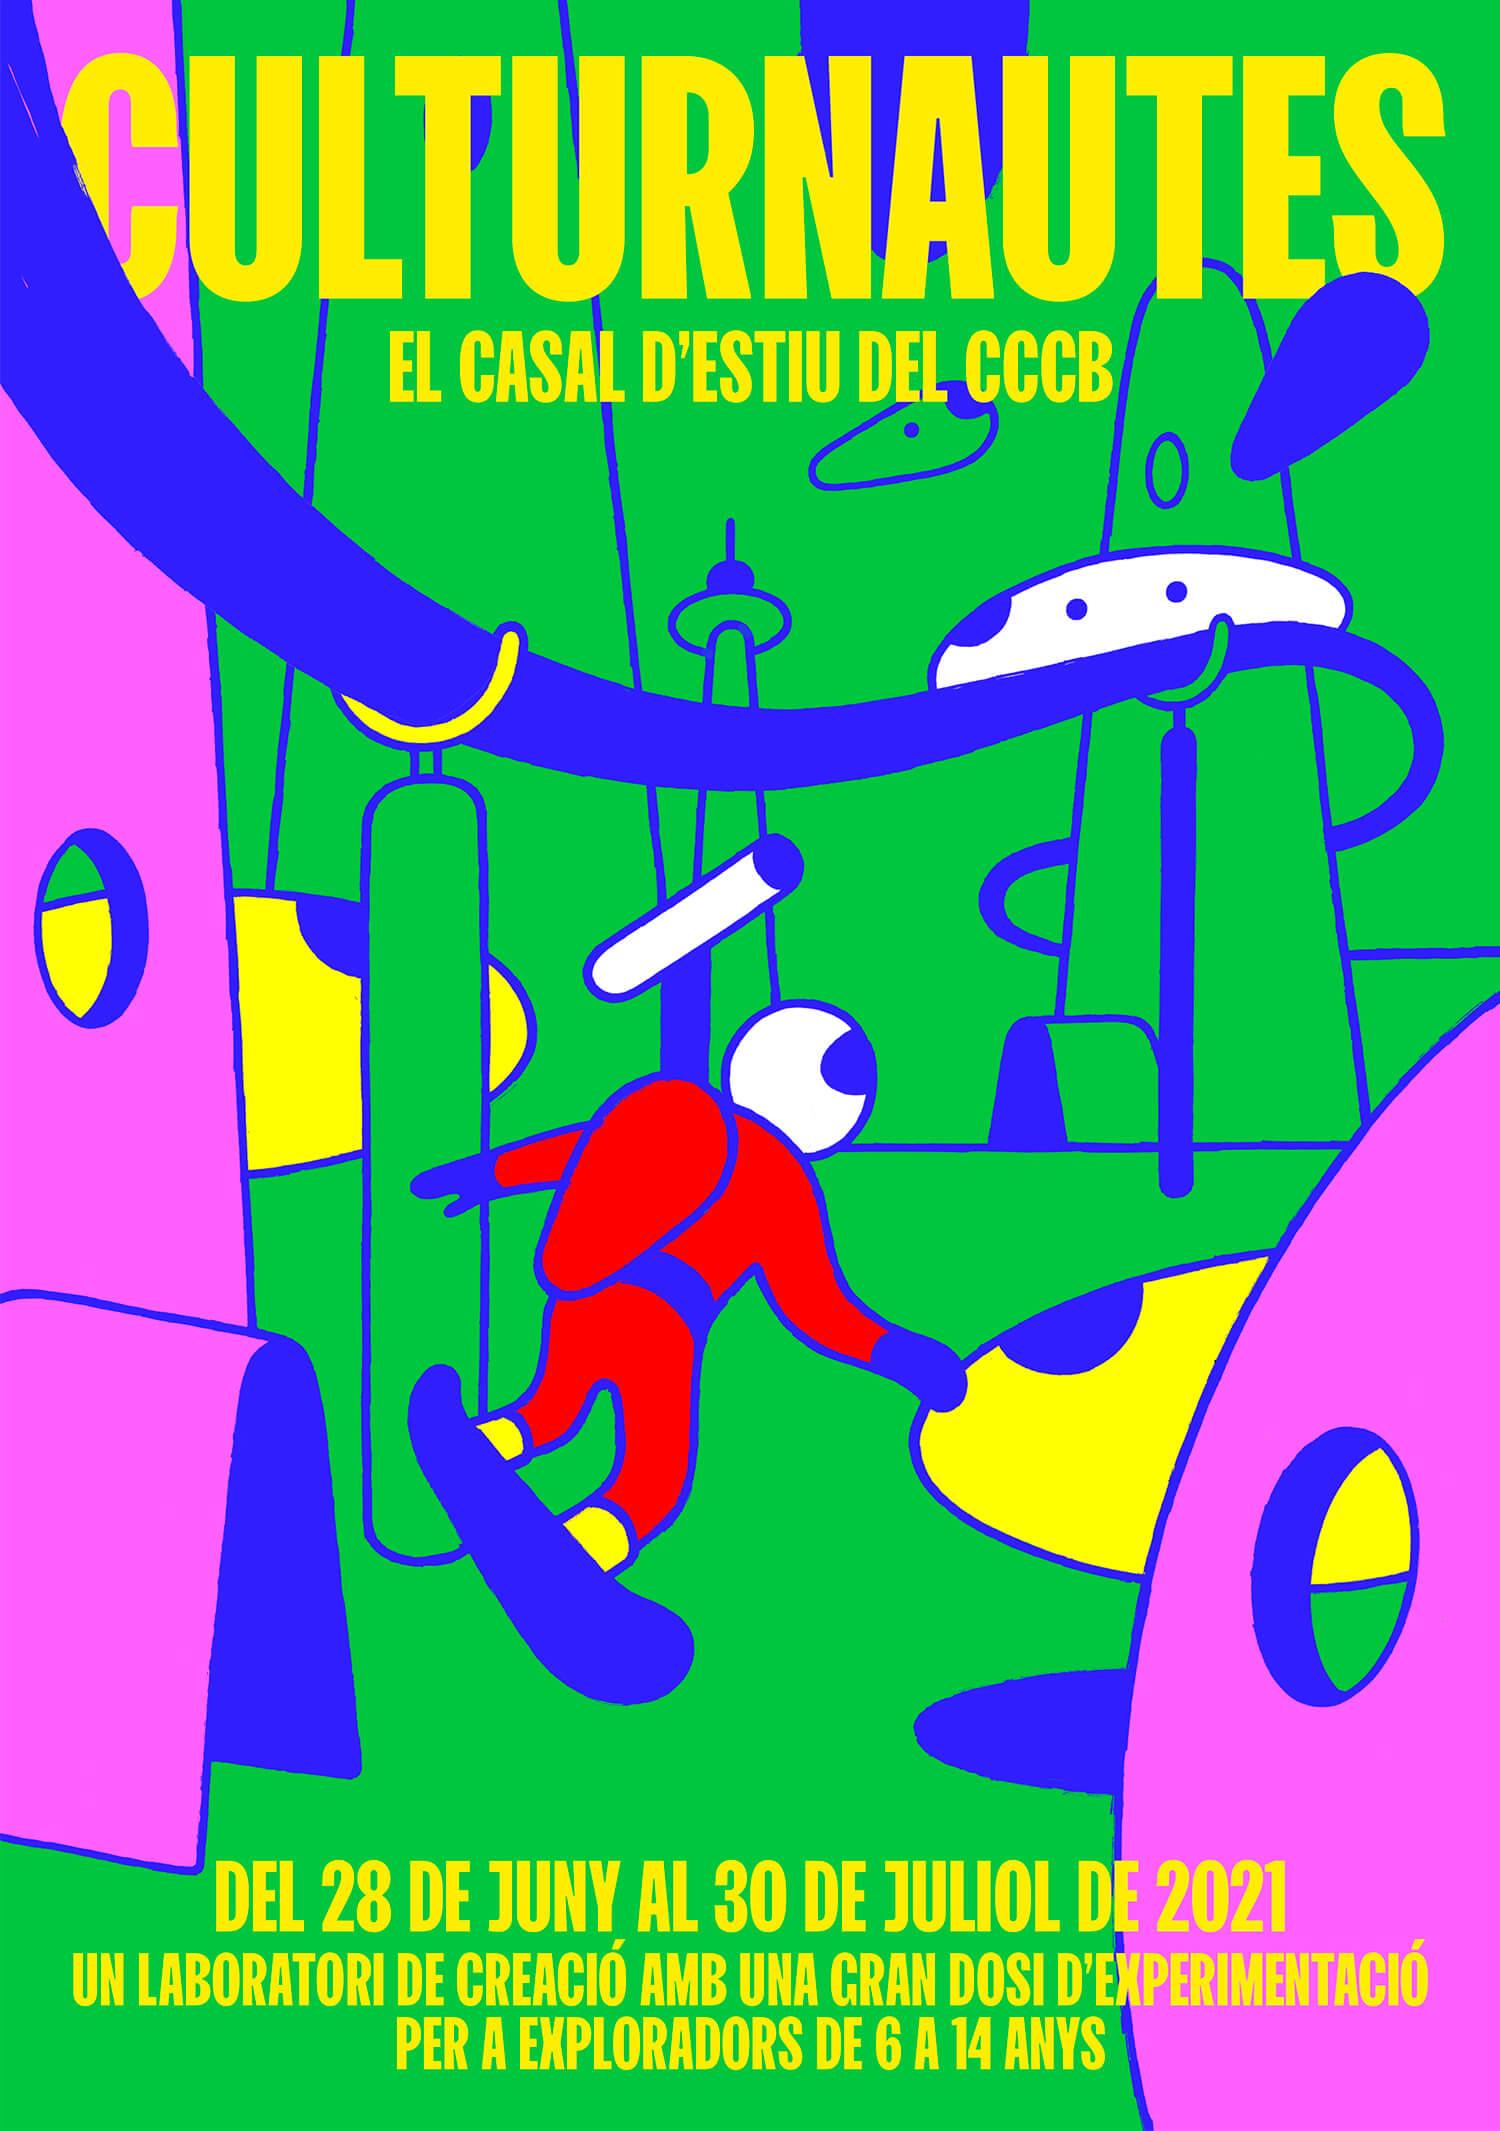 miguel-porlan-guirado-culturnautes-cccb-3